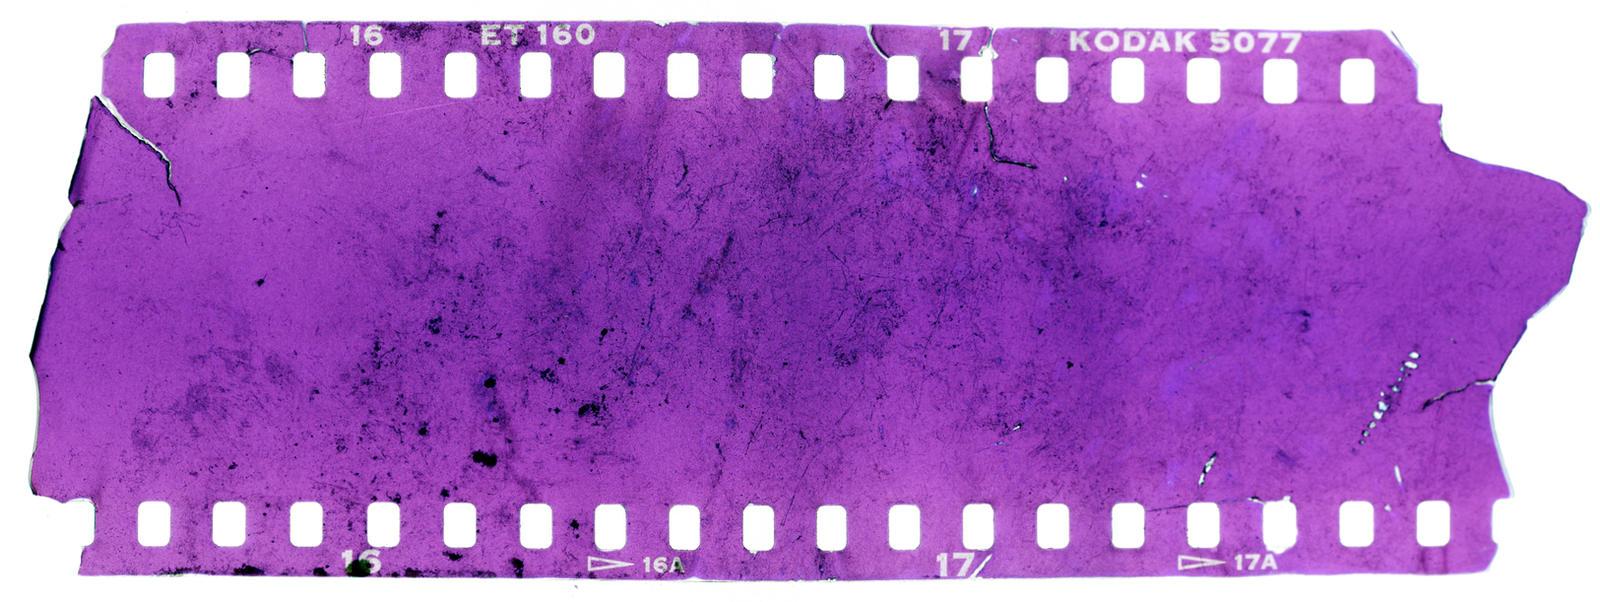 35mm Film Texture Texture Slide Film Destroyed